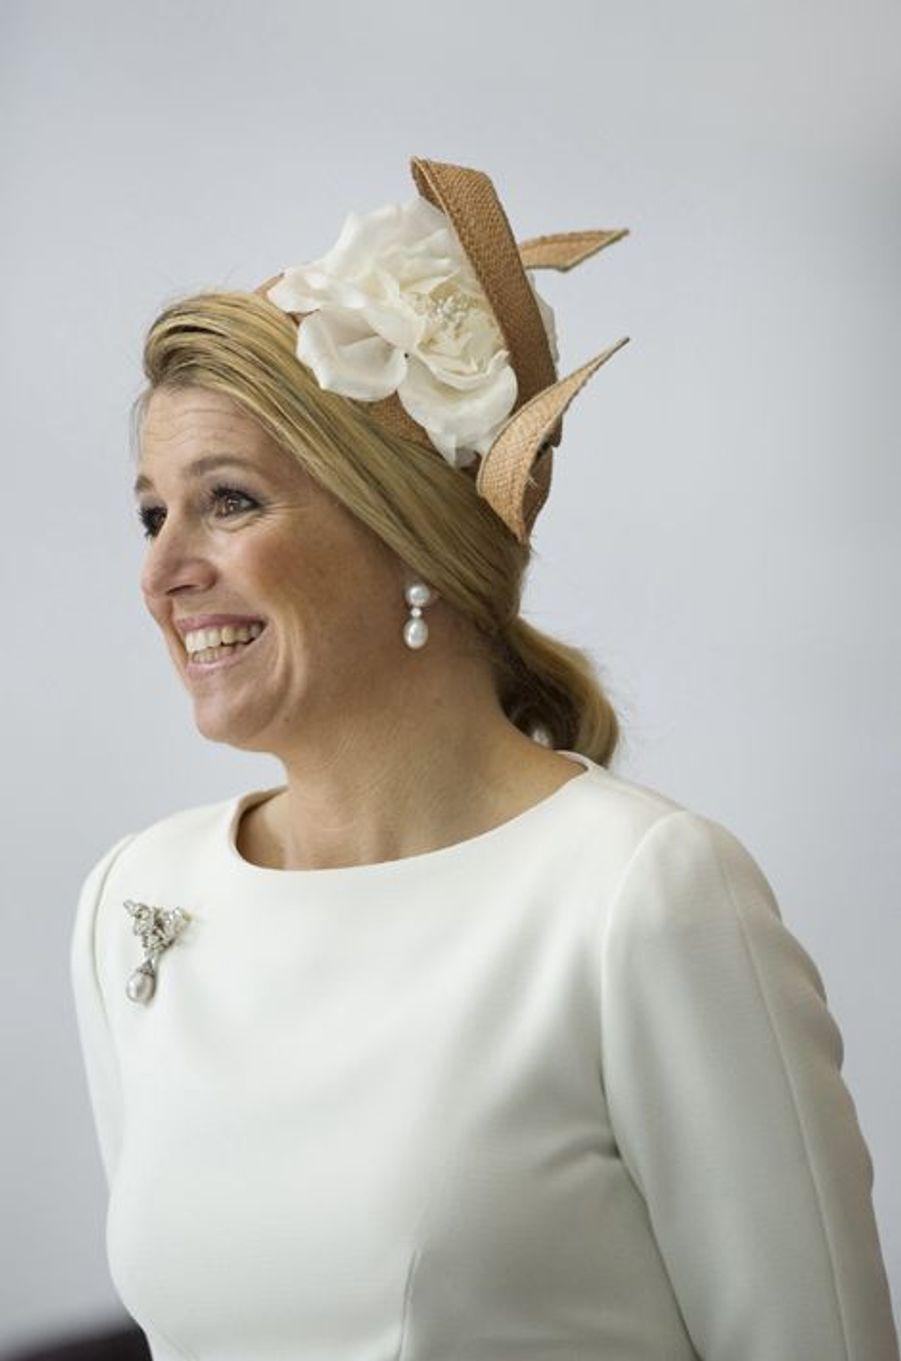 La princesse Maxima des Pays-Bas à Berlin, le 12 avril 2011